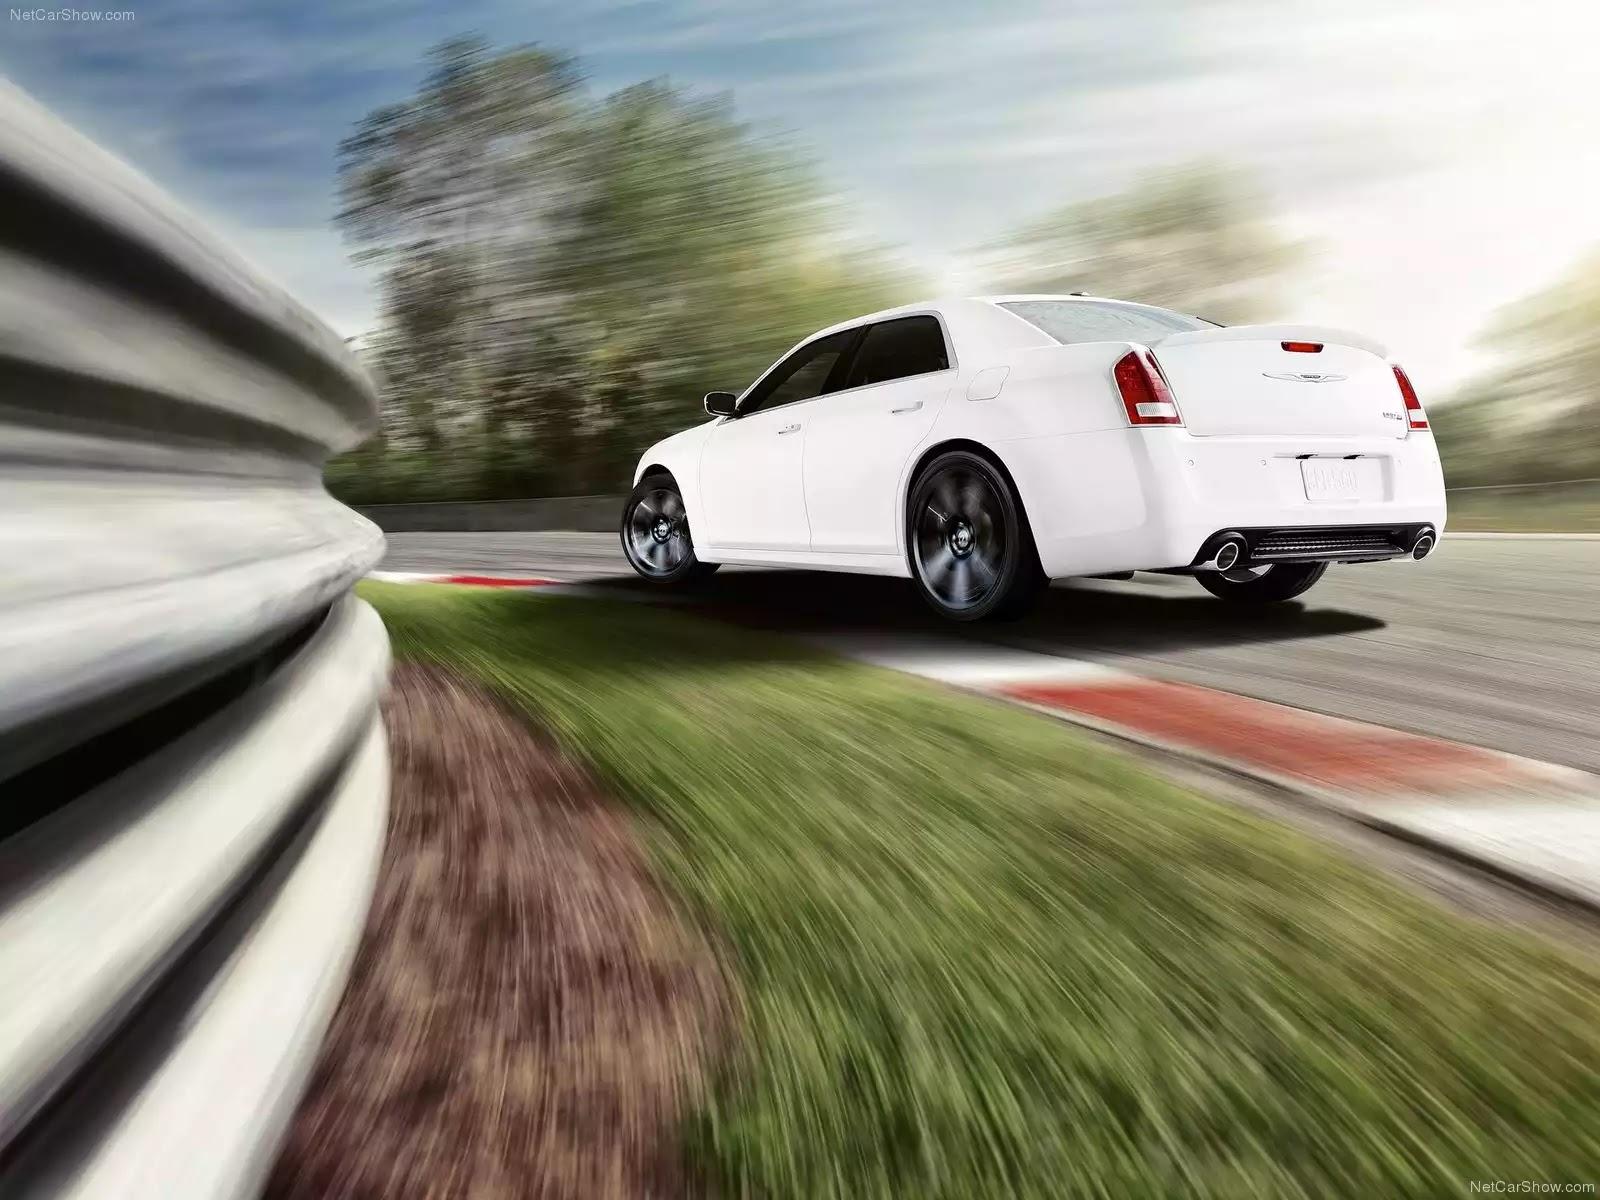 Hình ảnh xe ô tô Chrysler 300 SRT8 2012 & nội ngoại thất